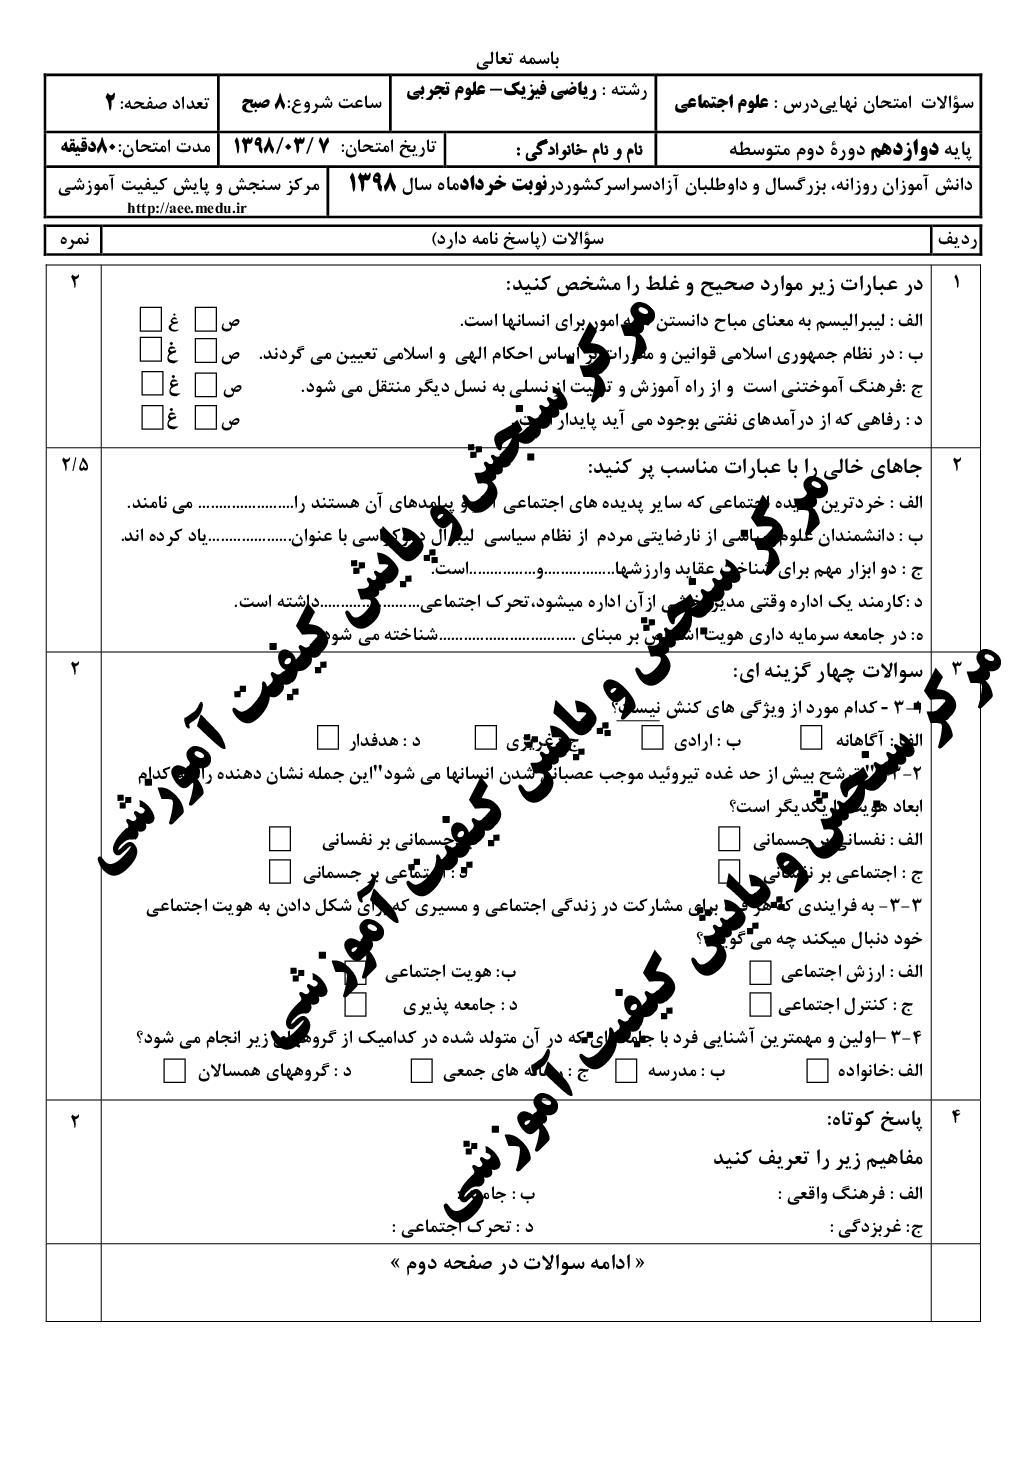 امتحان نهایی علوم اجتماعی - خرداد 98 (PDF)